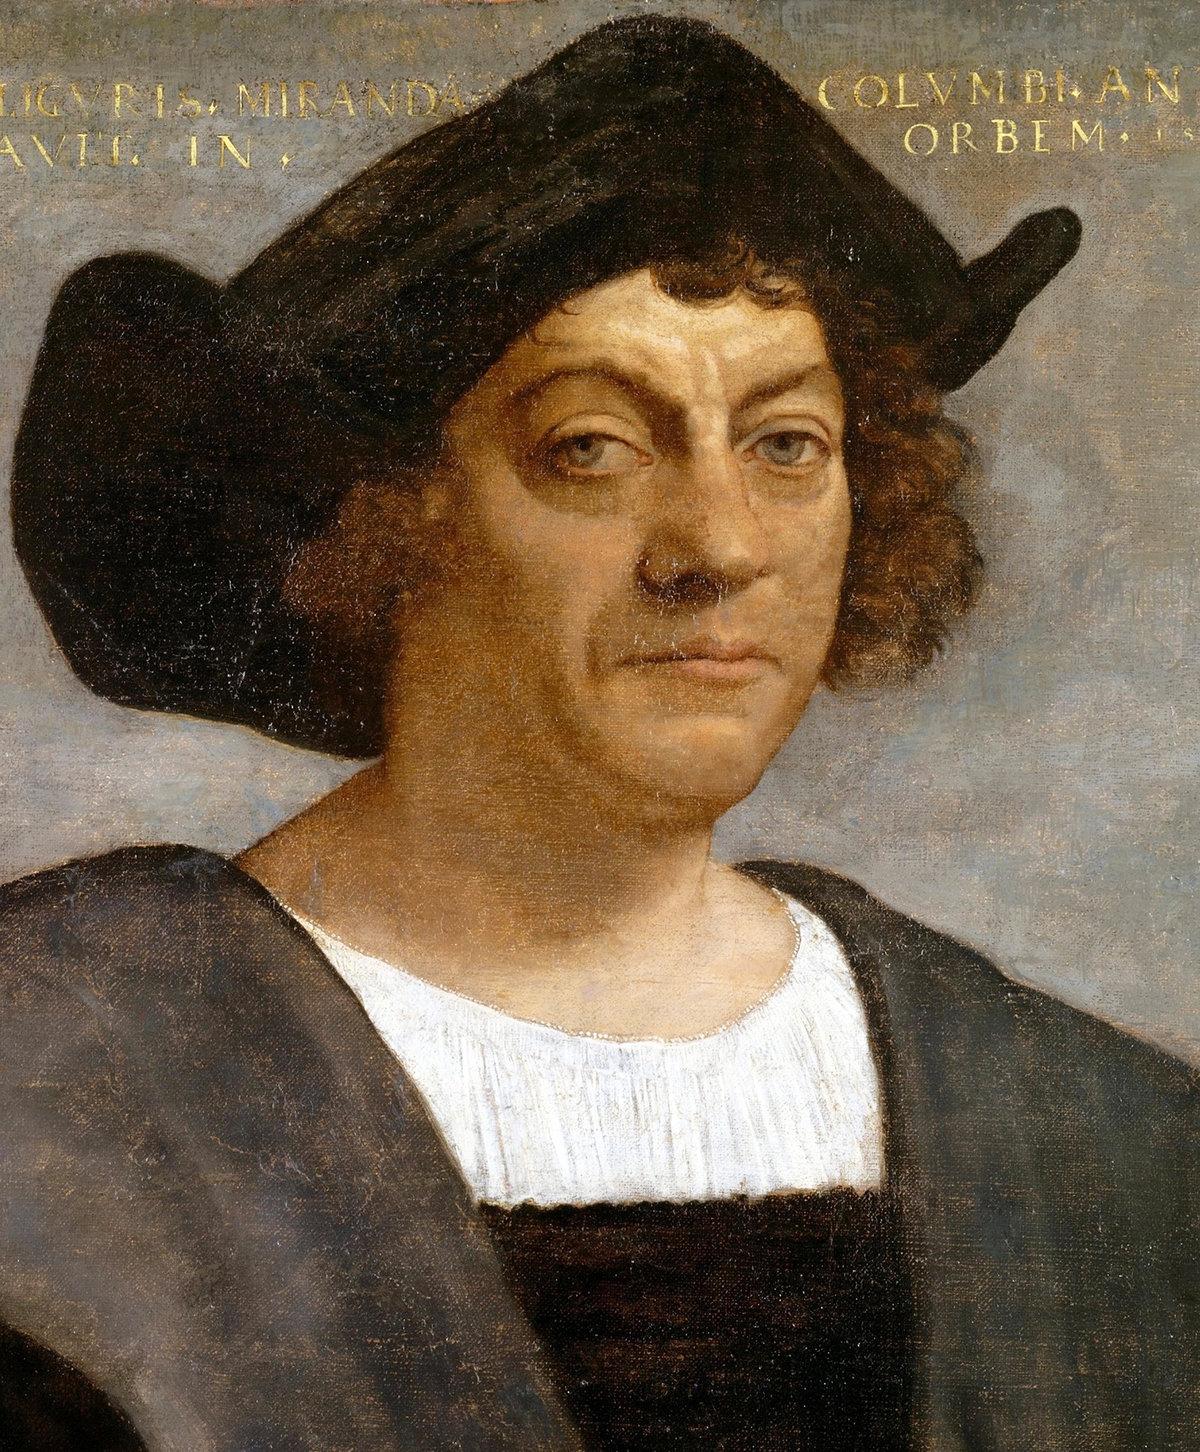 17 апреля 1492 года Фердинанд и Изабелла пообещали Колумбу денежную поддержку для осуществления задуманной им экспедиции «в Индии»